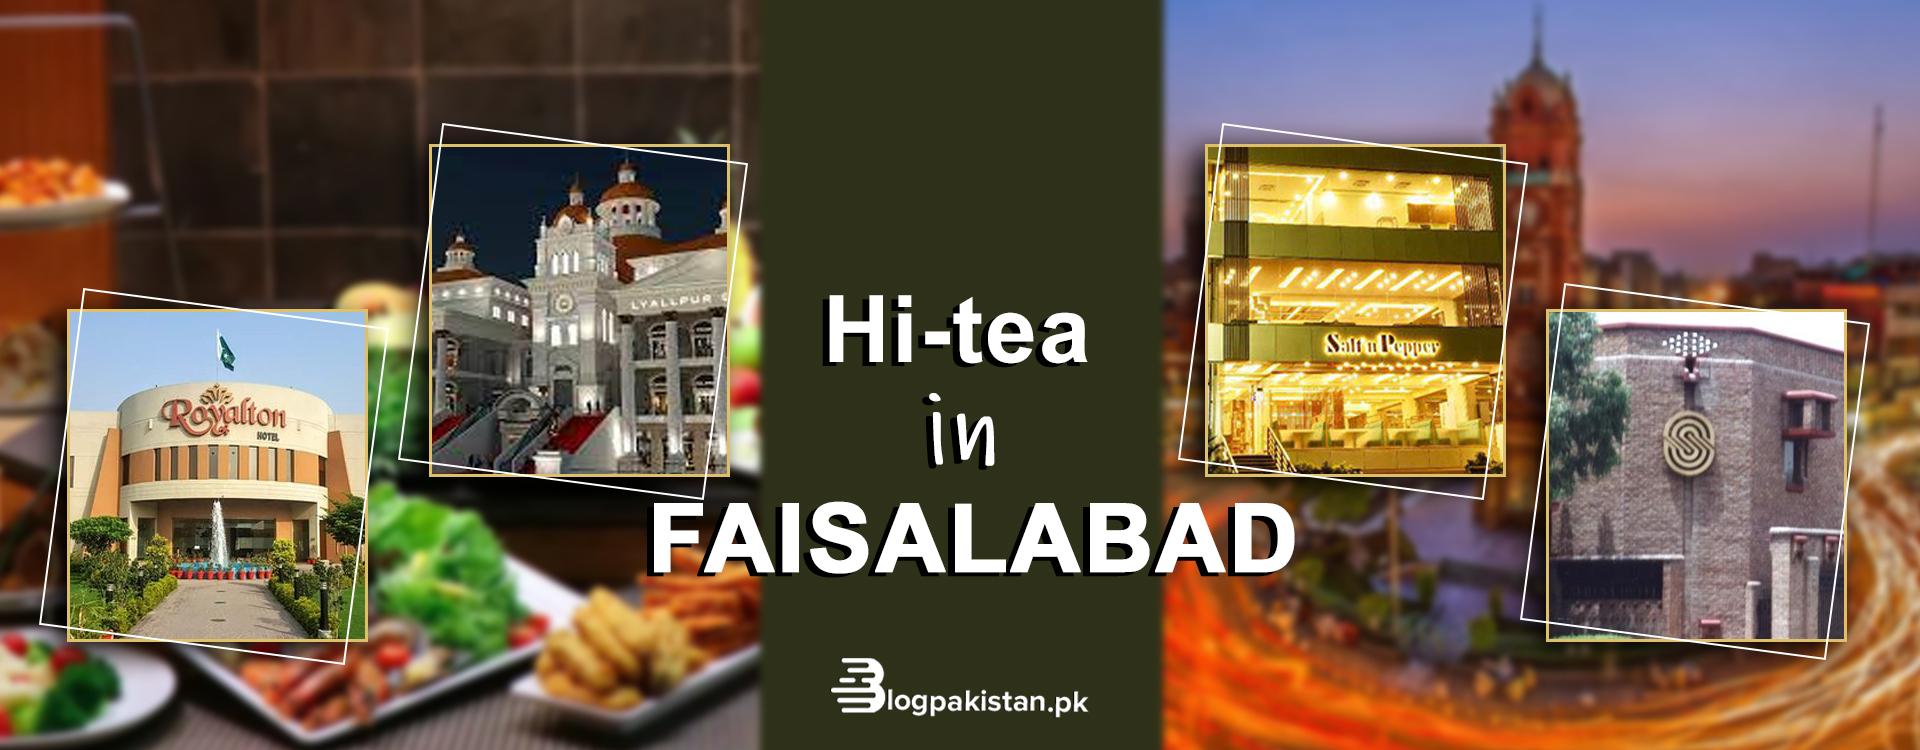 Hi-tea in Faisalabad